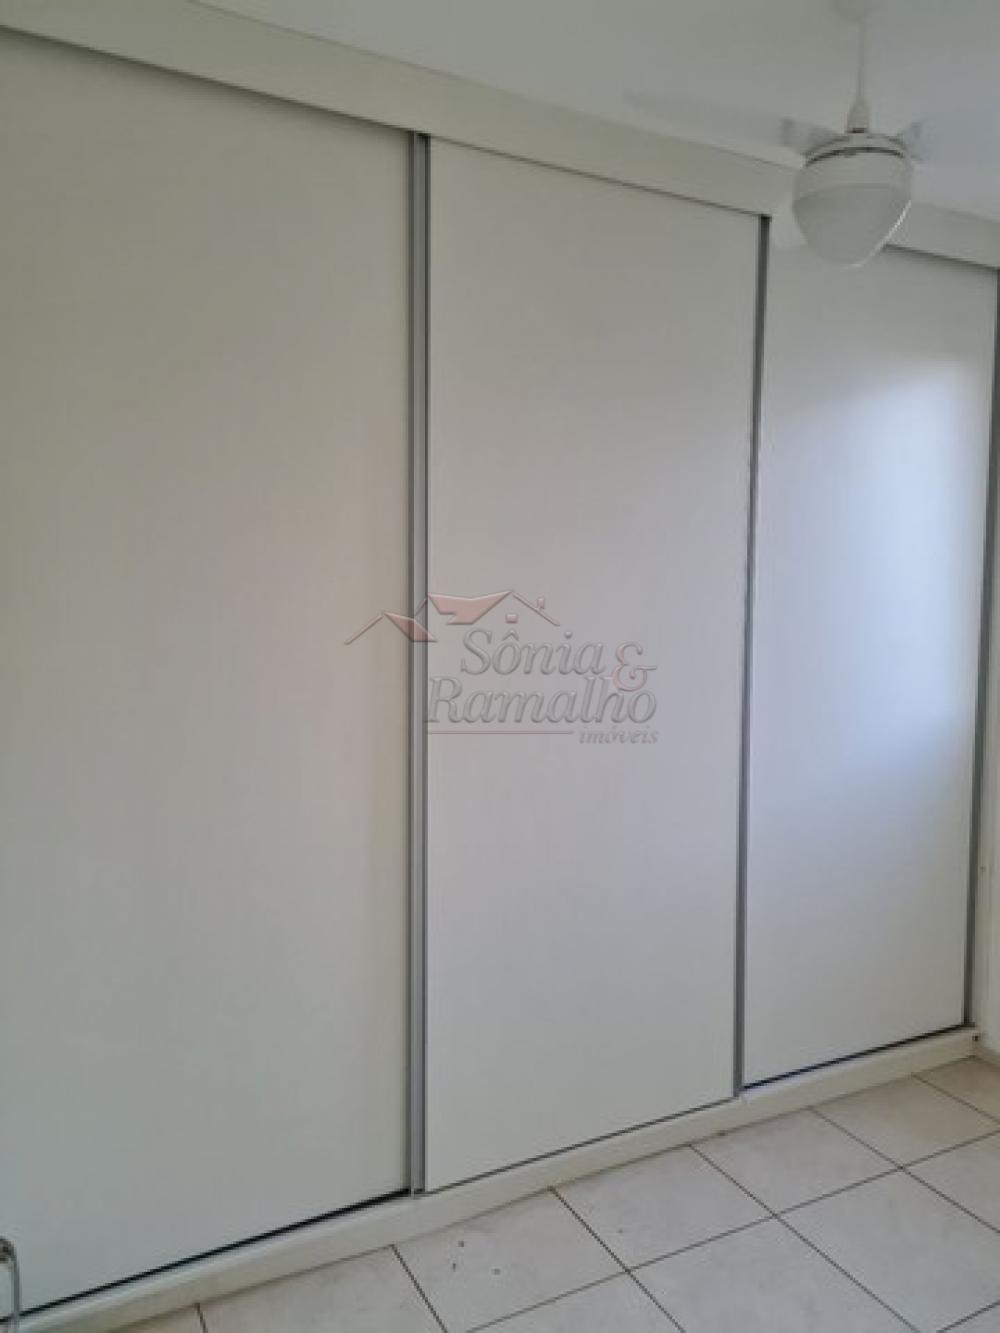 Alugar Apartamentos / Padrão em Ribeirão Preto R$ 1.000,00 - Foto 10